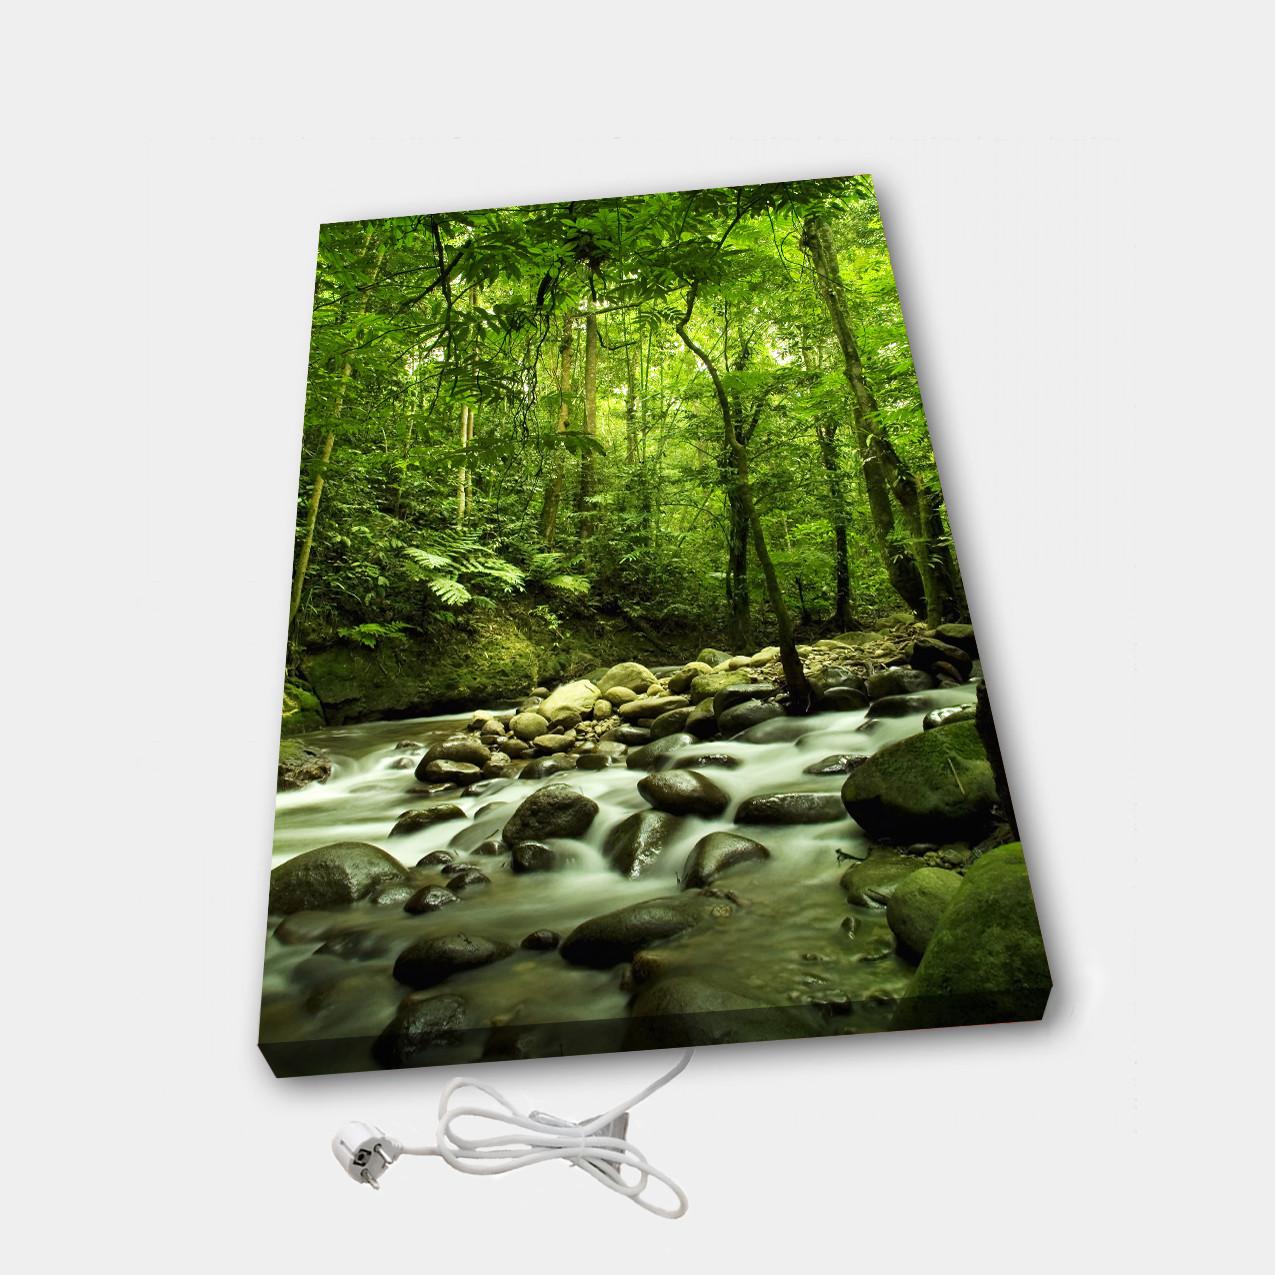 Обогреватель настенный электрический инфракрасный картина ионизация АртТепло Лес (Hot00012)